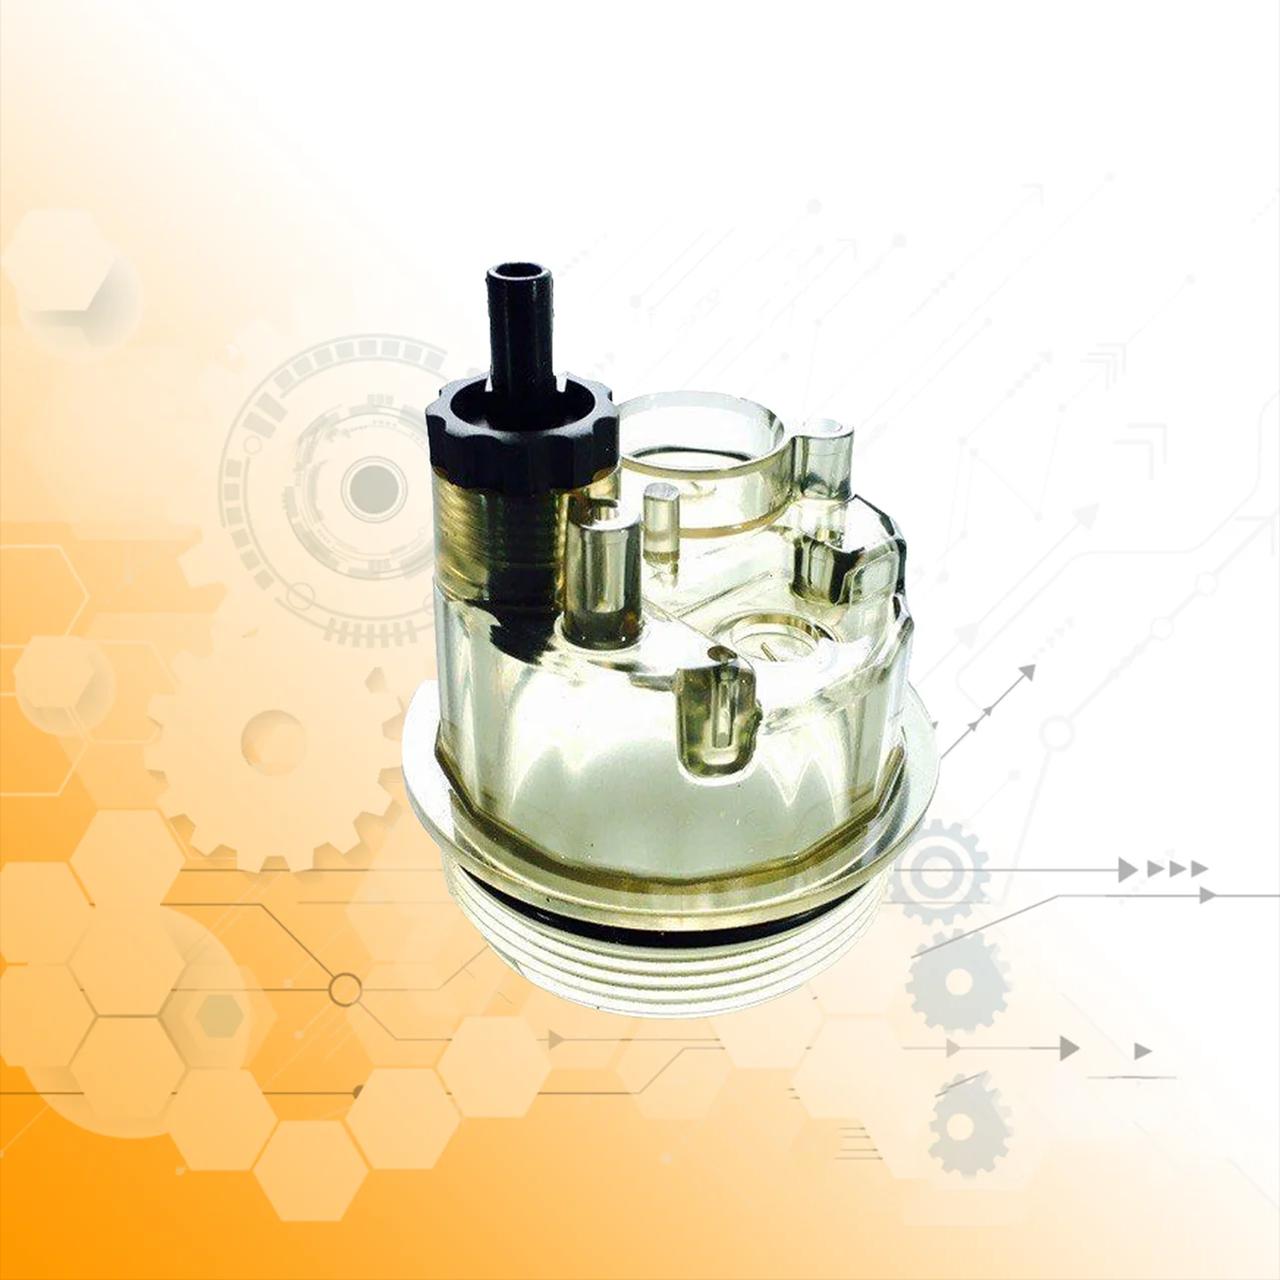 Стакан сепаратора (колба, отстойник) фильтров PL270x, PL420x,КамАЗ евро2, DAF,MAN